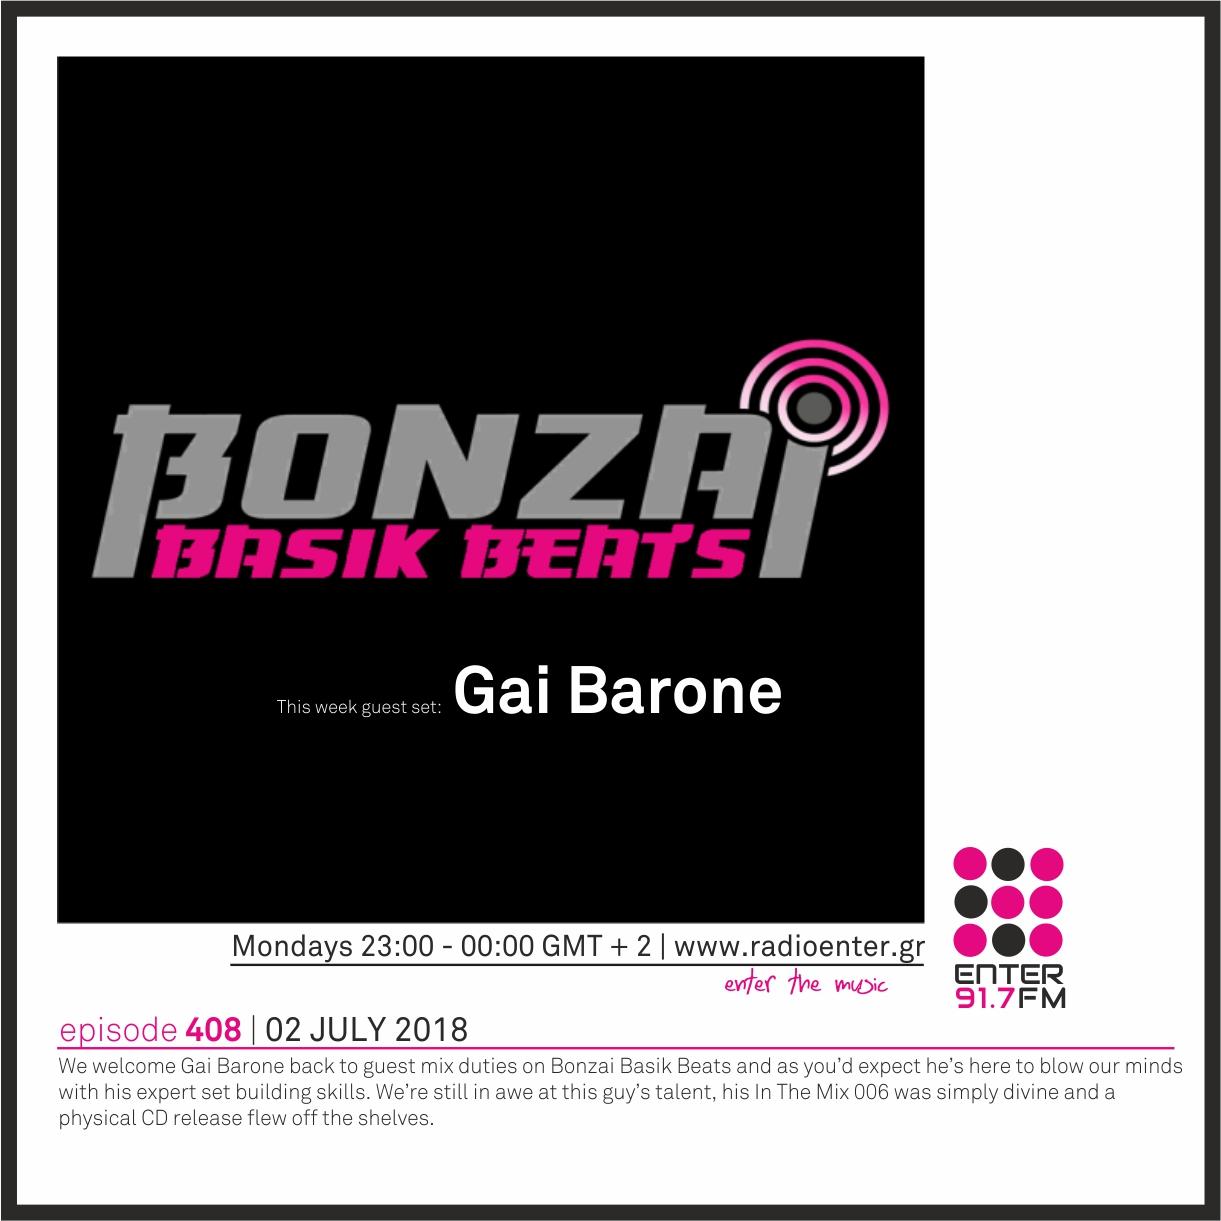 2018.07.02 - Bonzai 'Basic Beats' 408